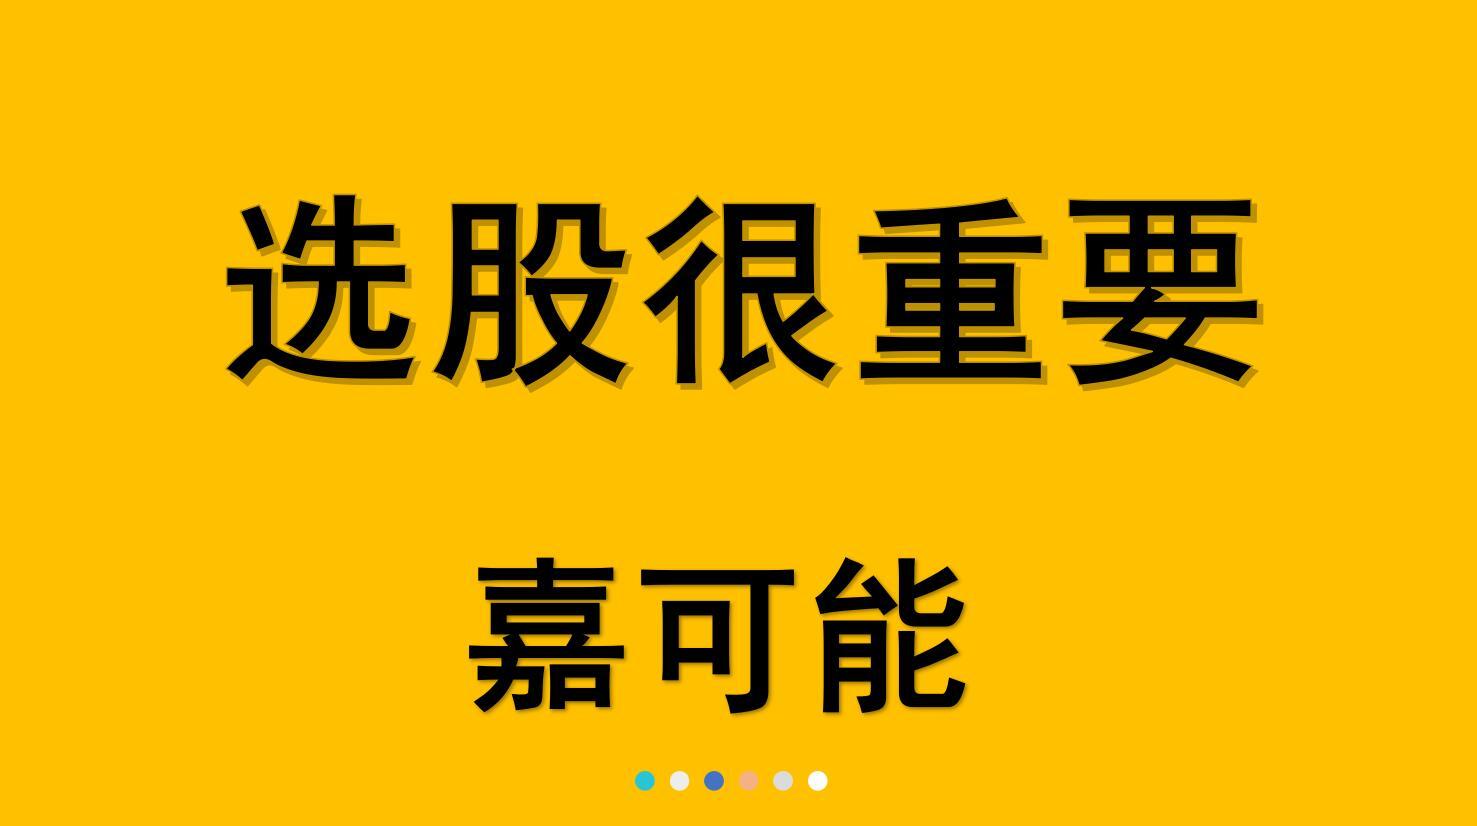 【嘉可能】顺丰控股、华能水电、深圳能源涨跌差异,缠论中枢选股很重要!(04月12日)